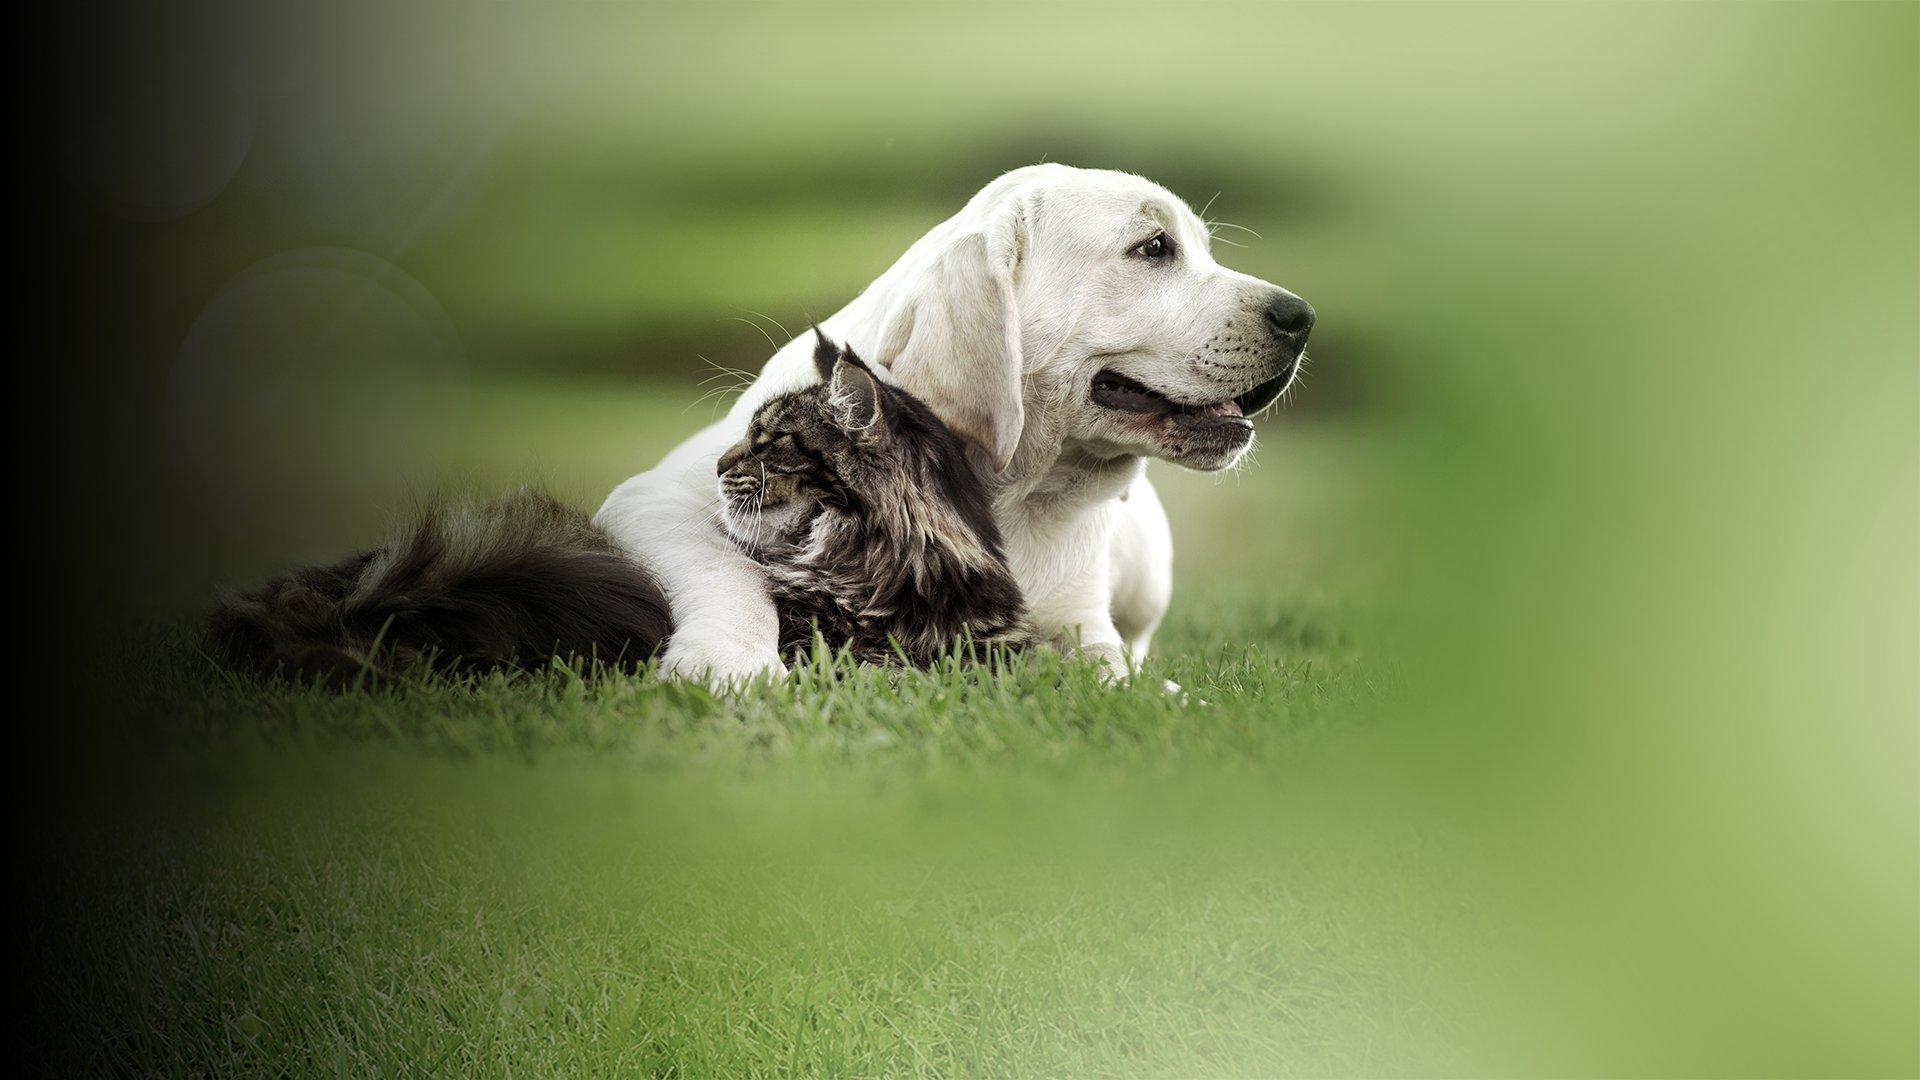 fond Les adieux déchirants d'un maître contraint d'abandonner son chien